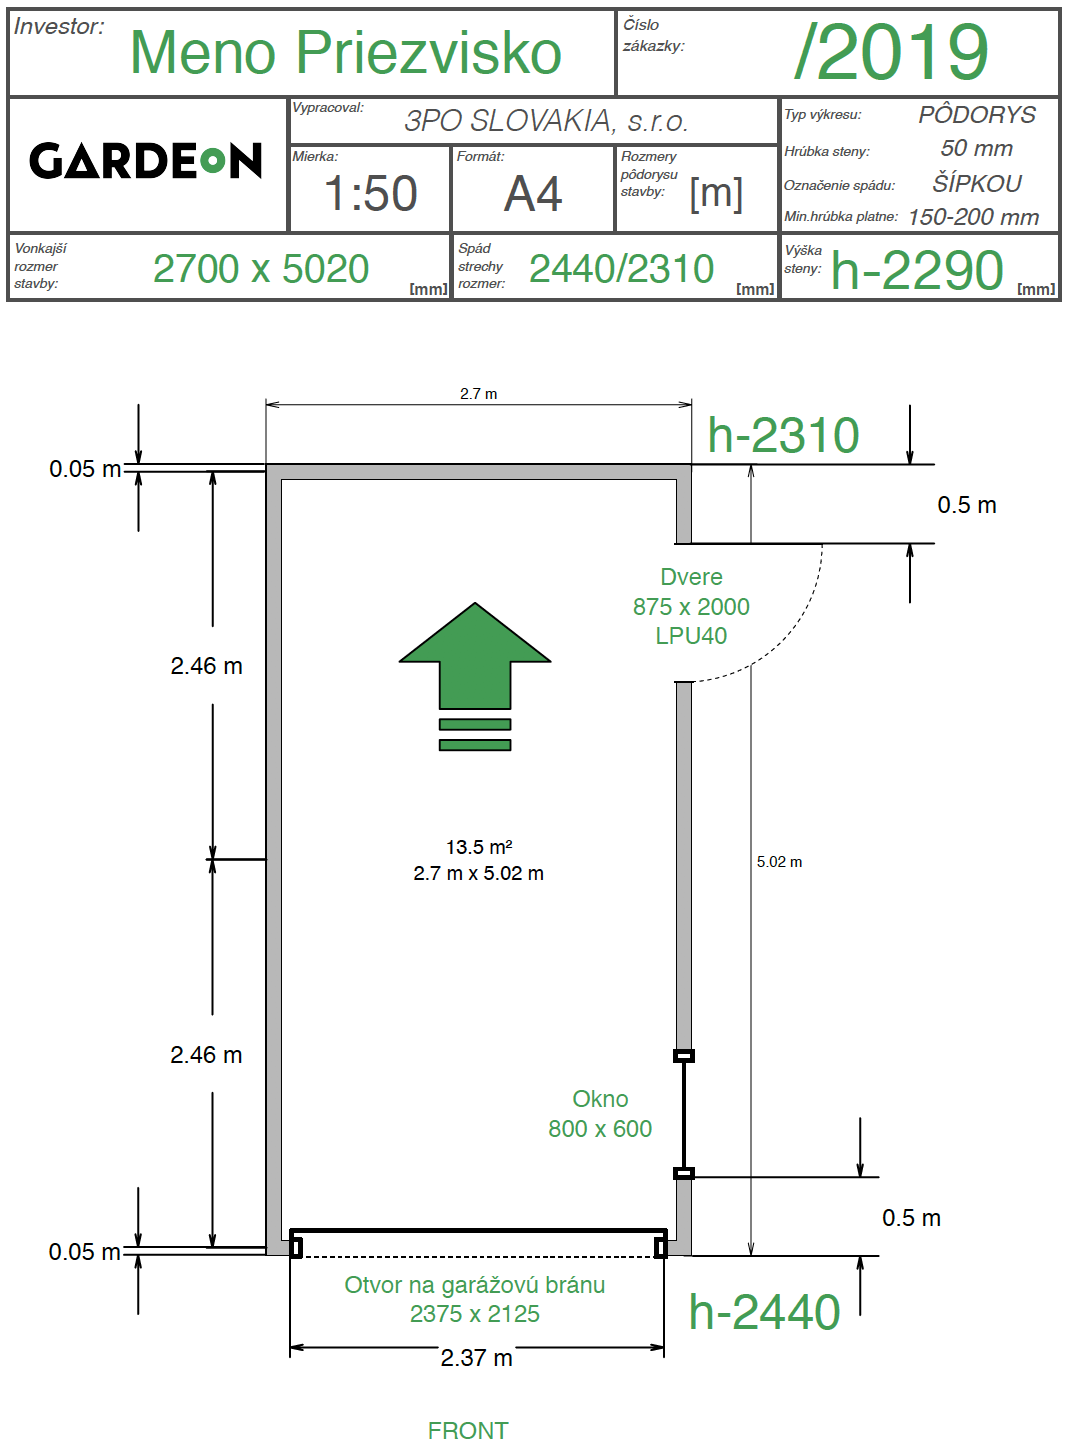 Nákres montovanej garáže GARDEON